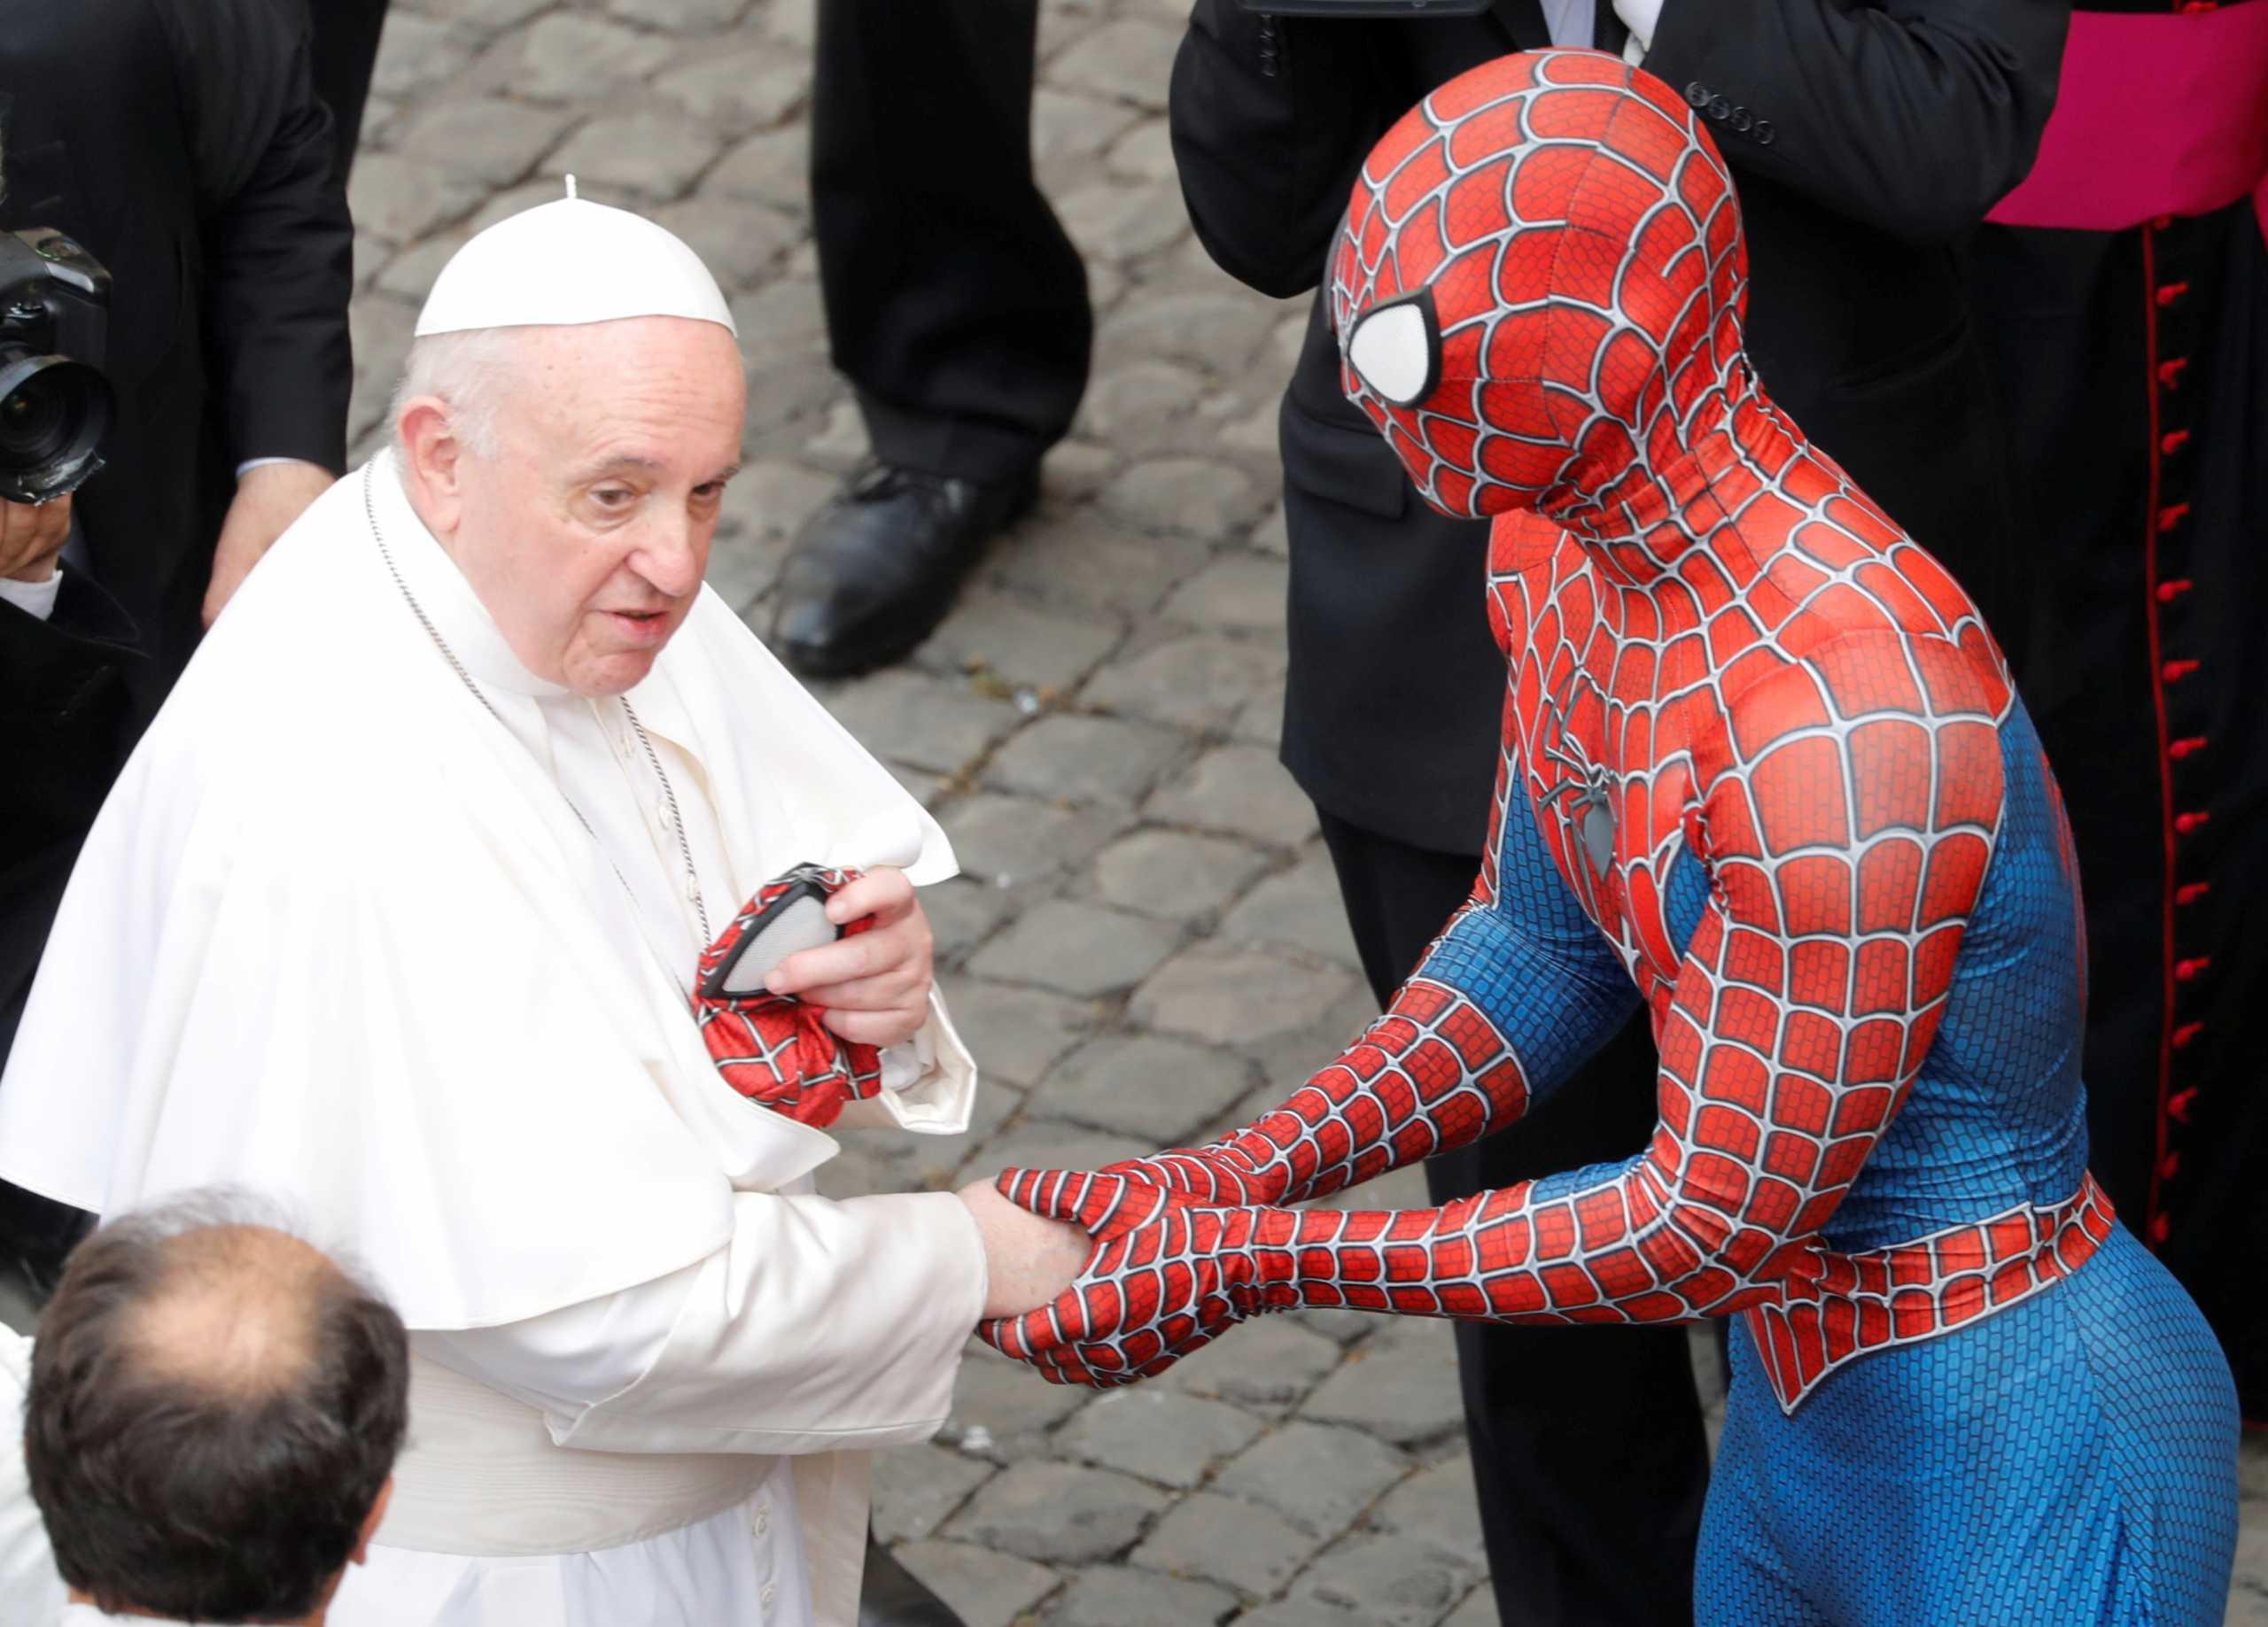 Όταν ο Πάπας Φραγκίσκος συνάντησε τον Spiderman (pics)